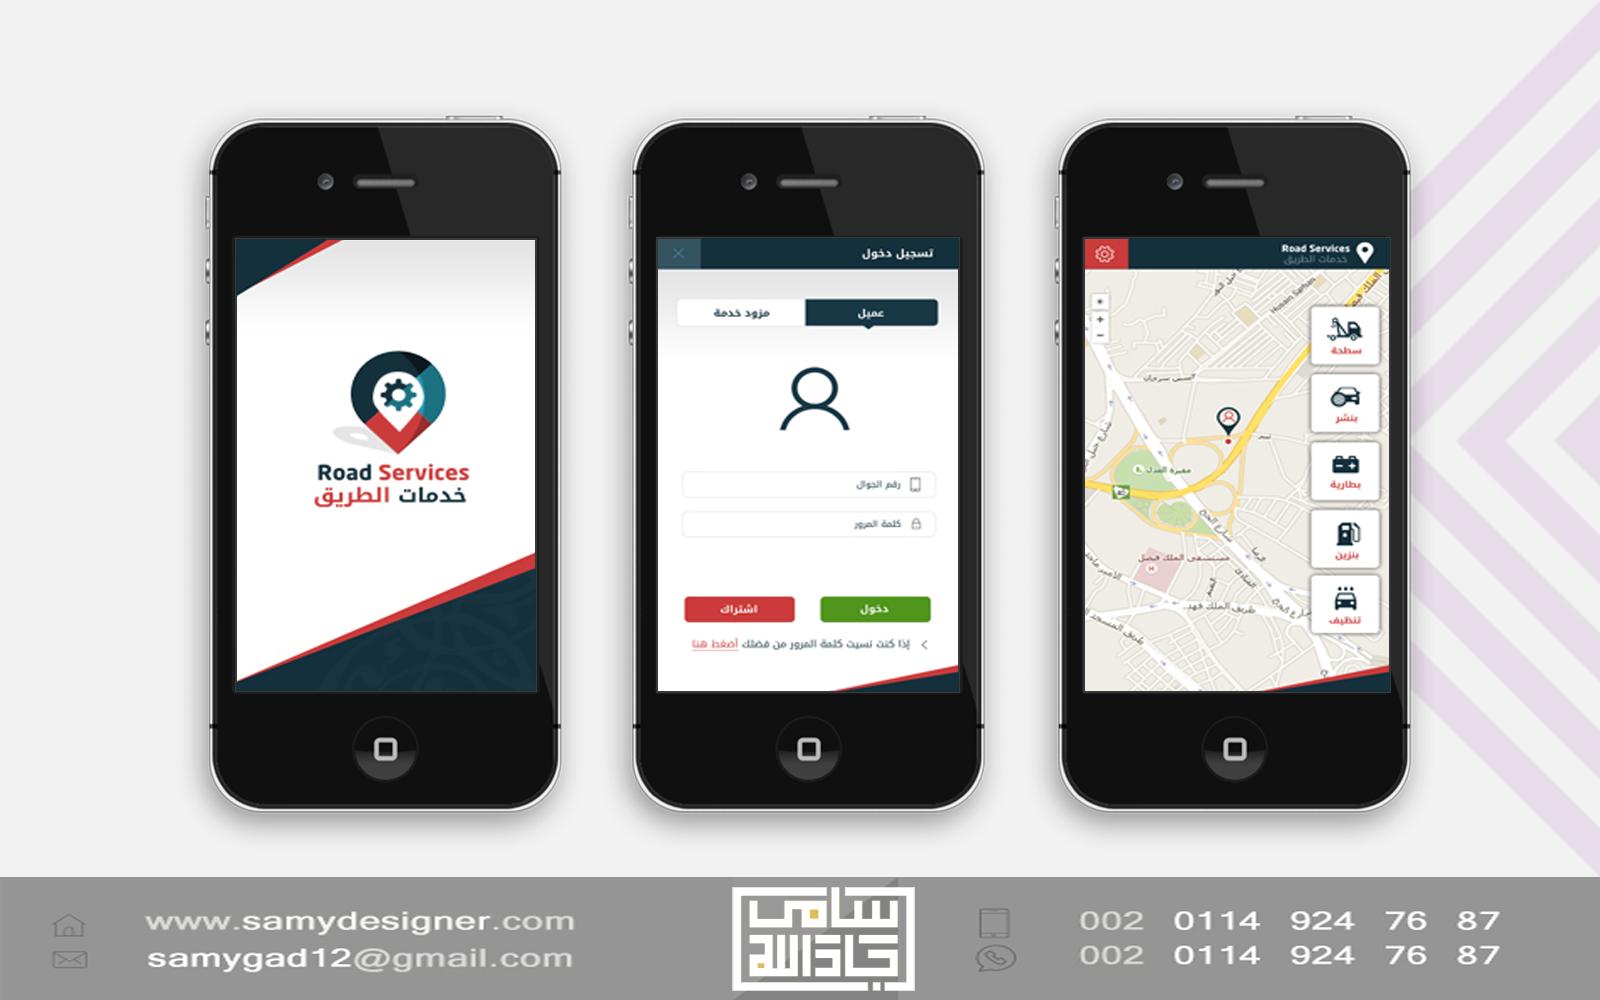 أعمالنا فى تصميم تطبيقات الجوال اندرويد وآيفون تطبيق خدمات الطريق يسعدنا تلقى إستفساراتكم 002 01149247687 تصميم مصمم Phone Electronic Products Electronics